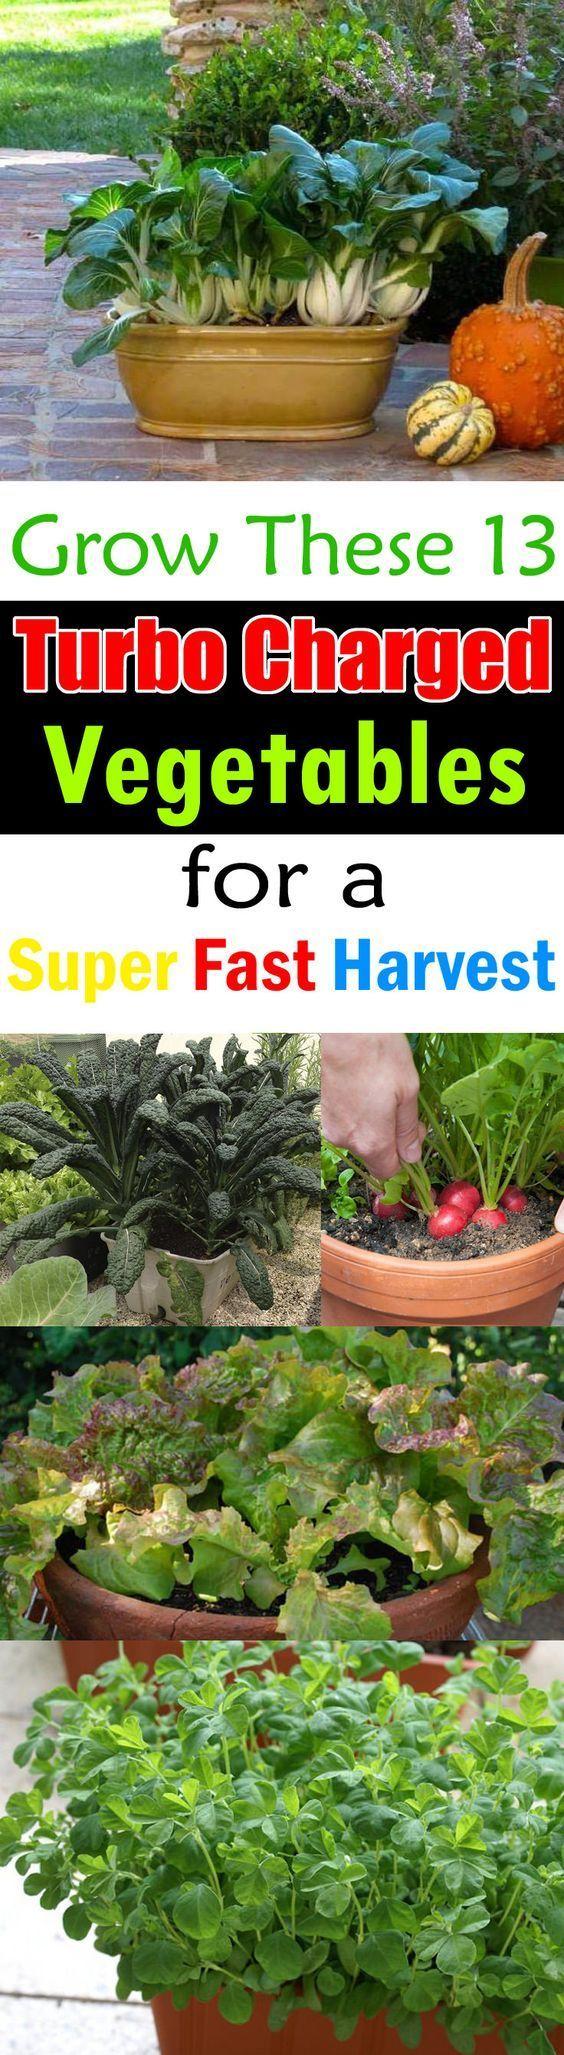 如果你在种植蔬菜时不耐心 - 必须看到这份快速种植蔬菜清单。大多数快速增长的容器蔬菜可以在2个月内收获甚至更快。